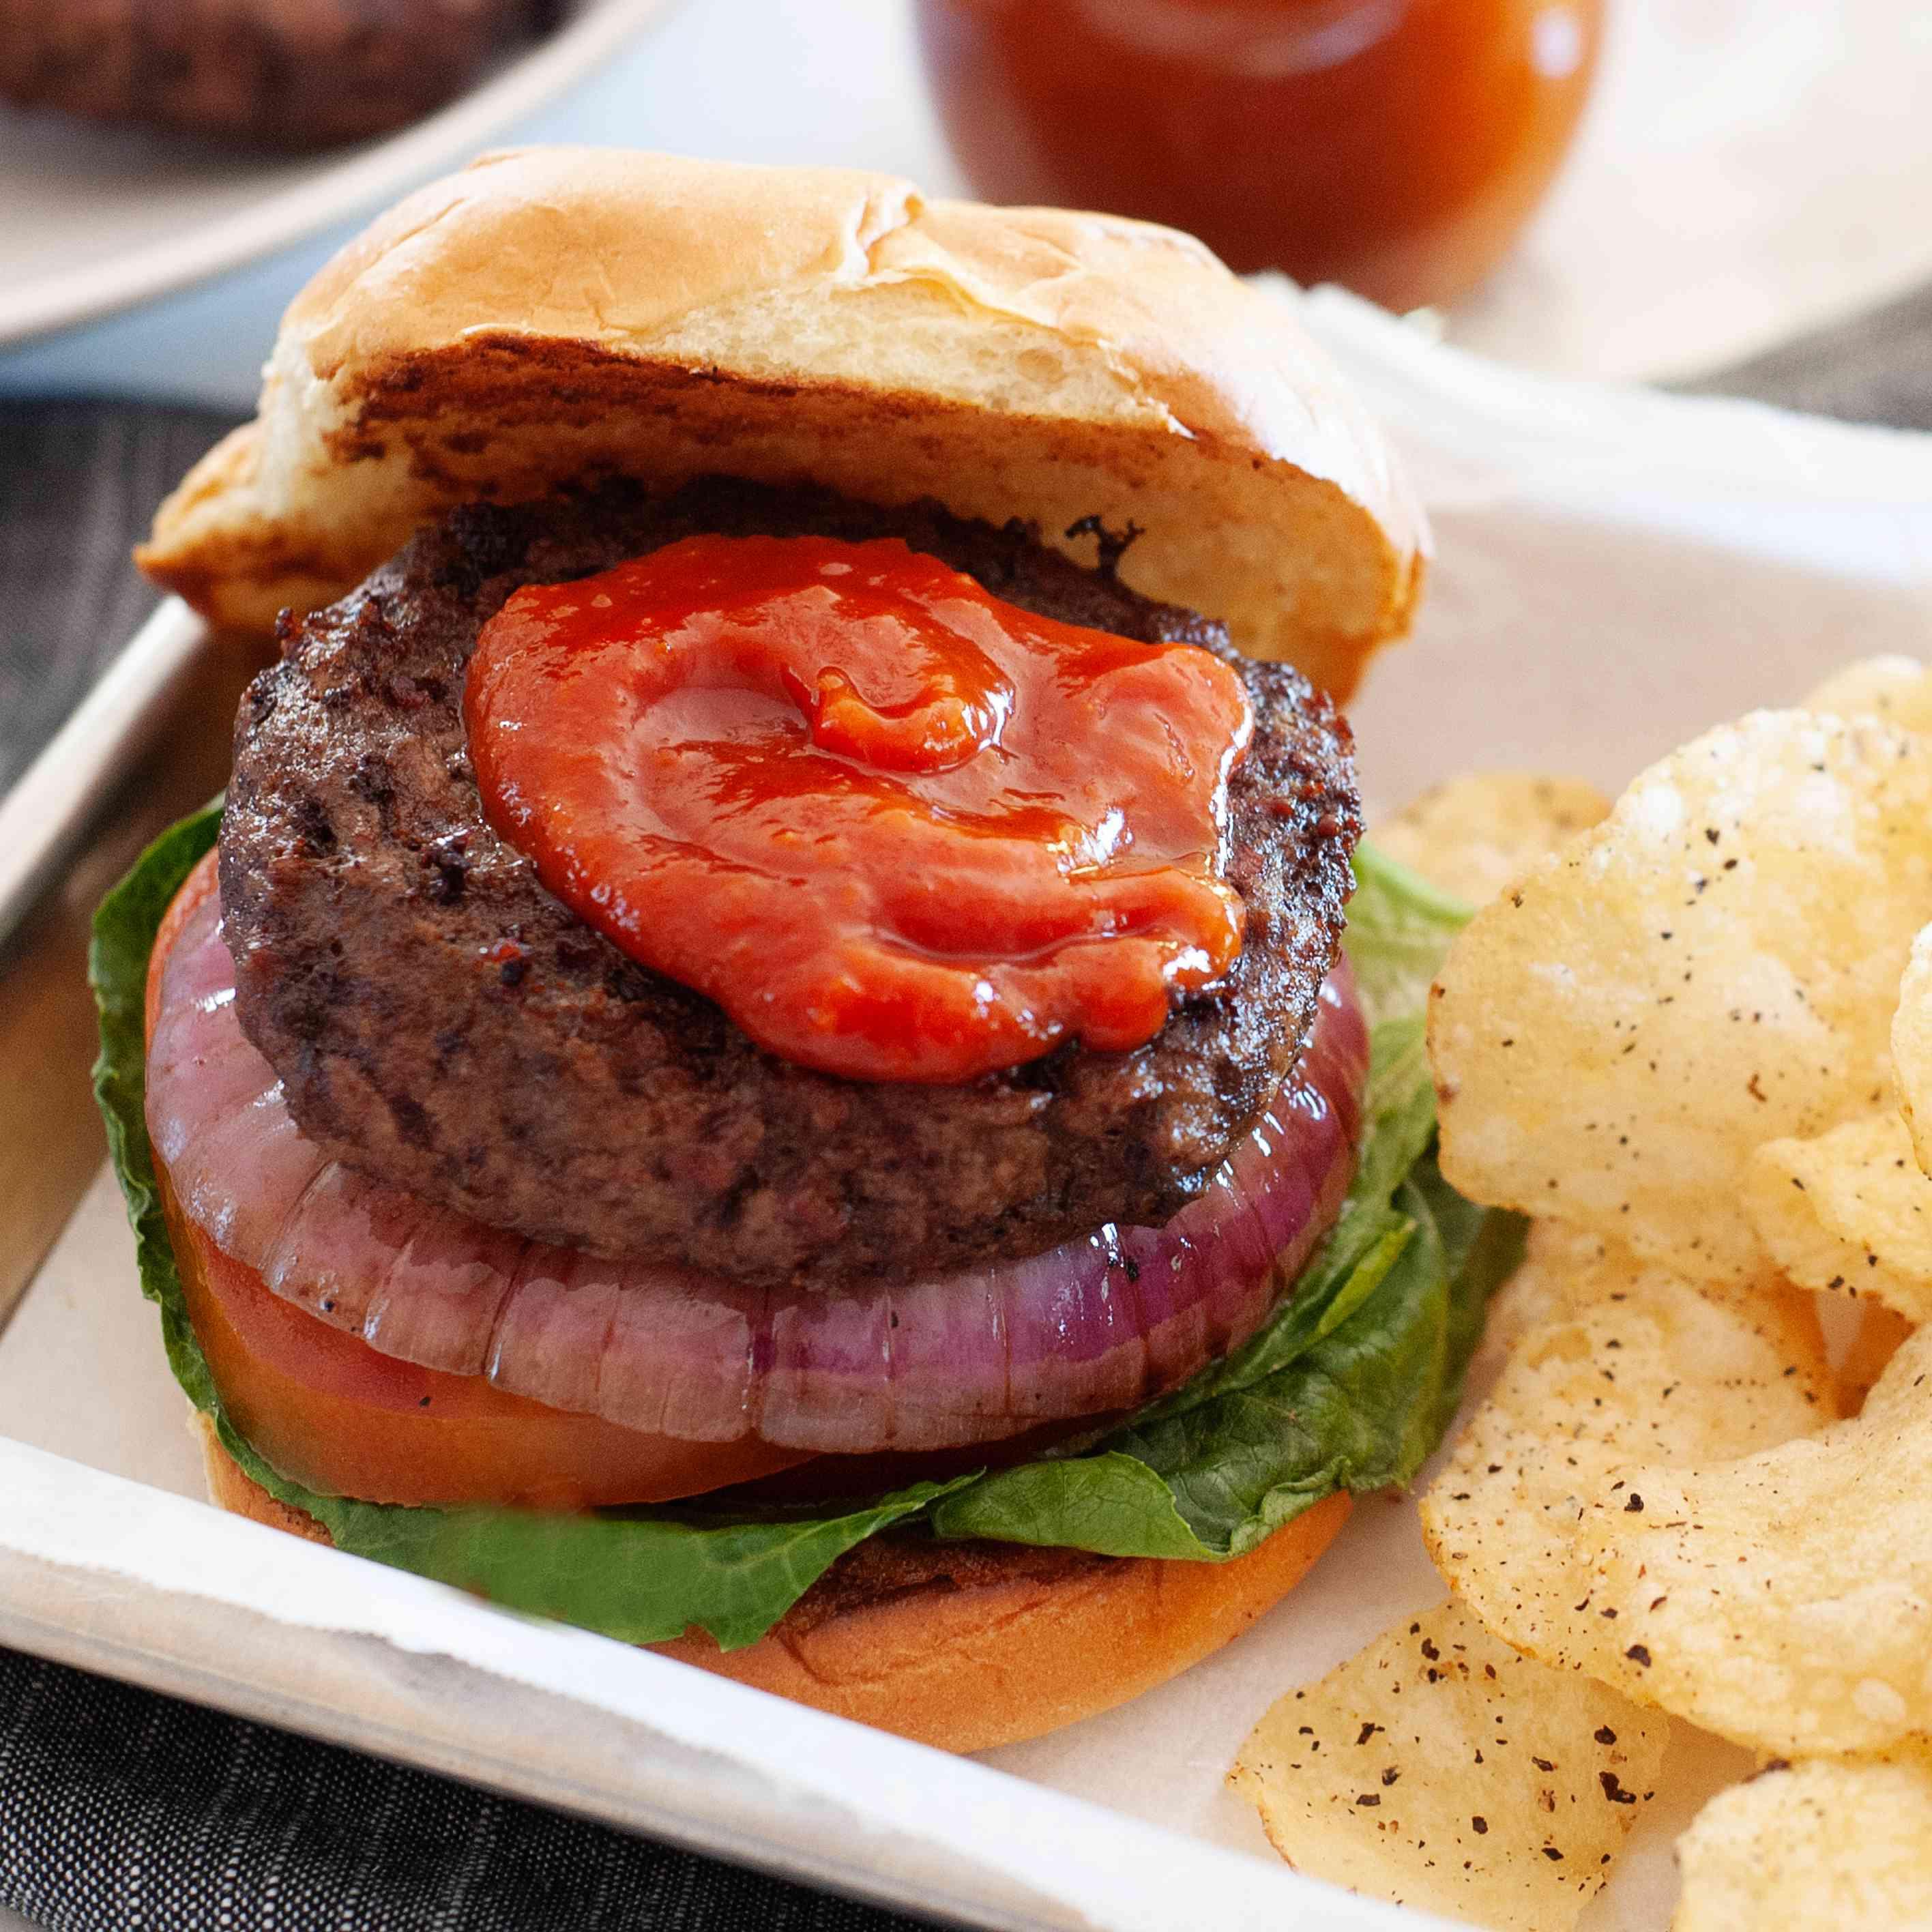 Ketchup recipe on a hamburger.